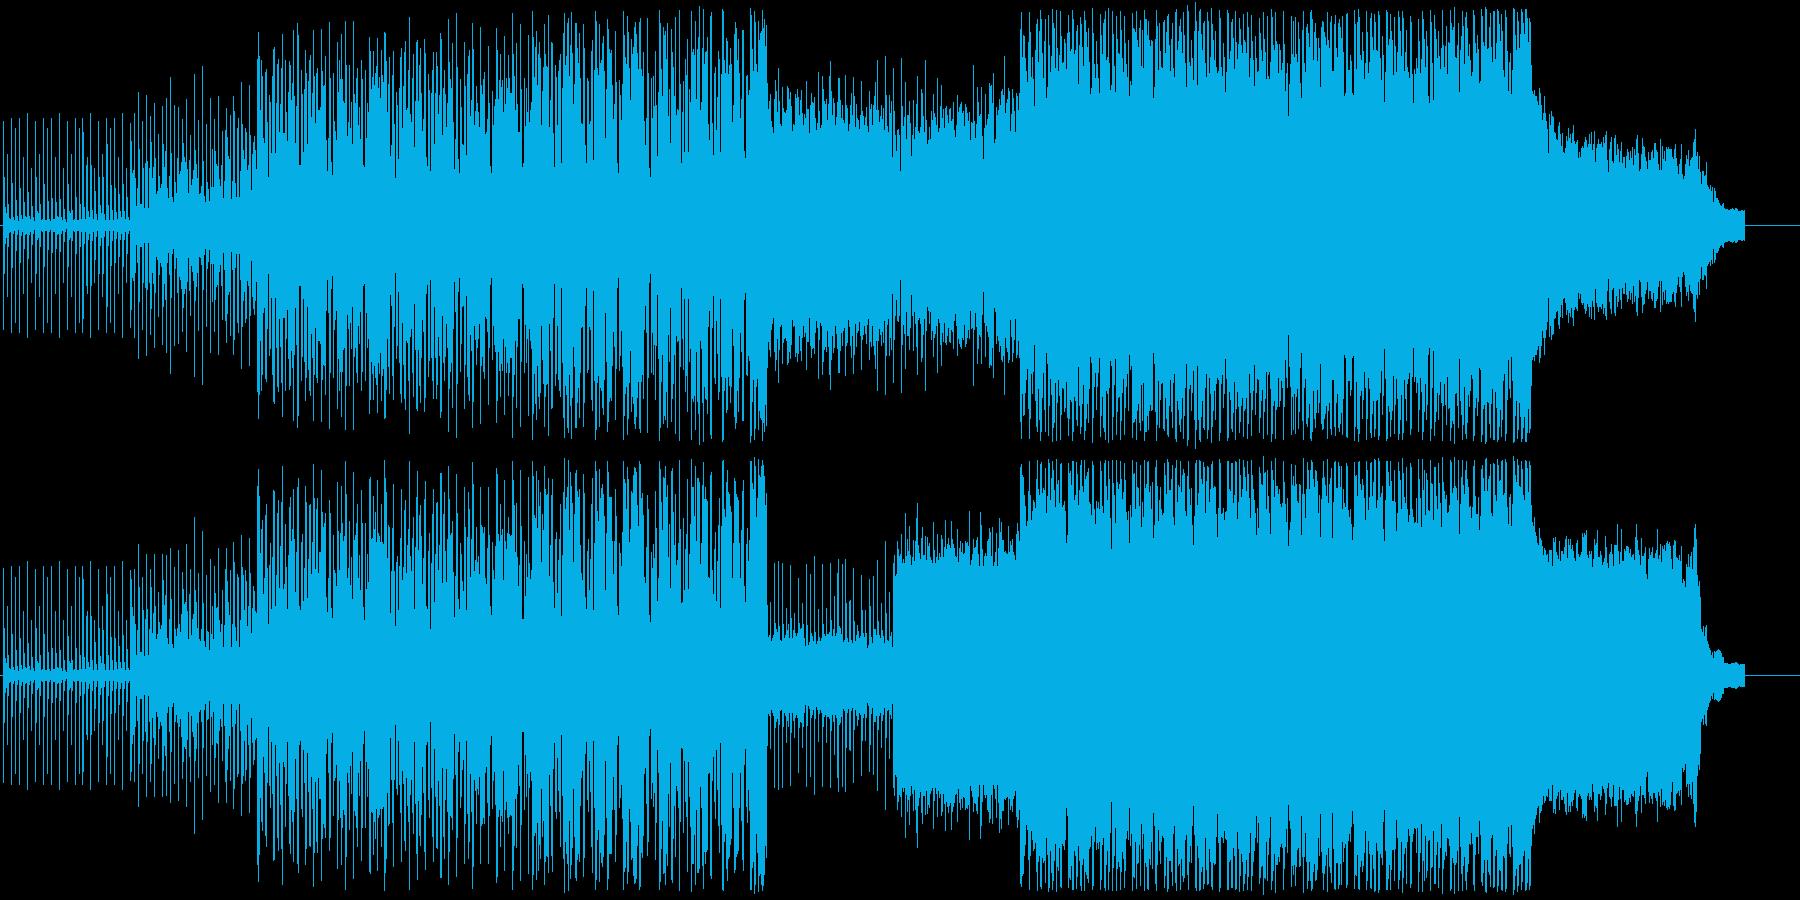 クールで不思議な曲調のテクノの再生済みの波形